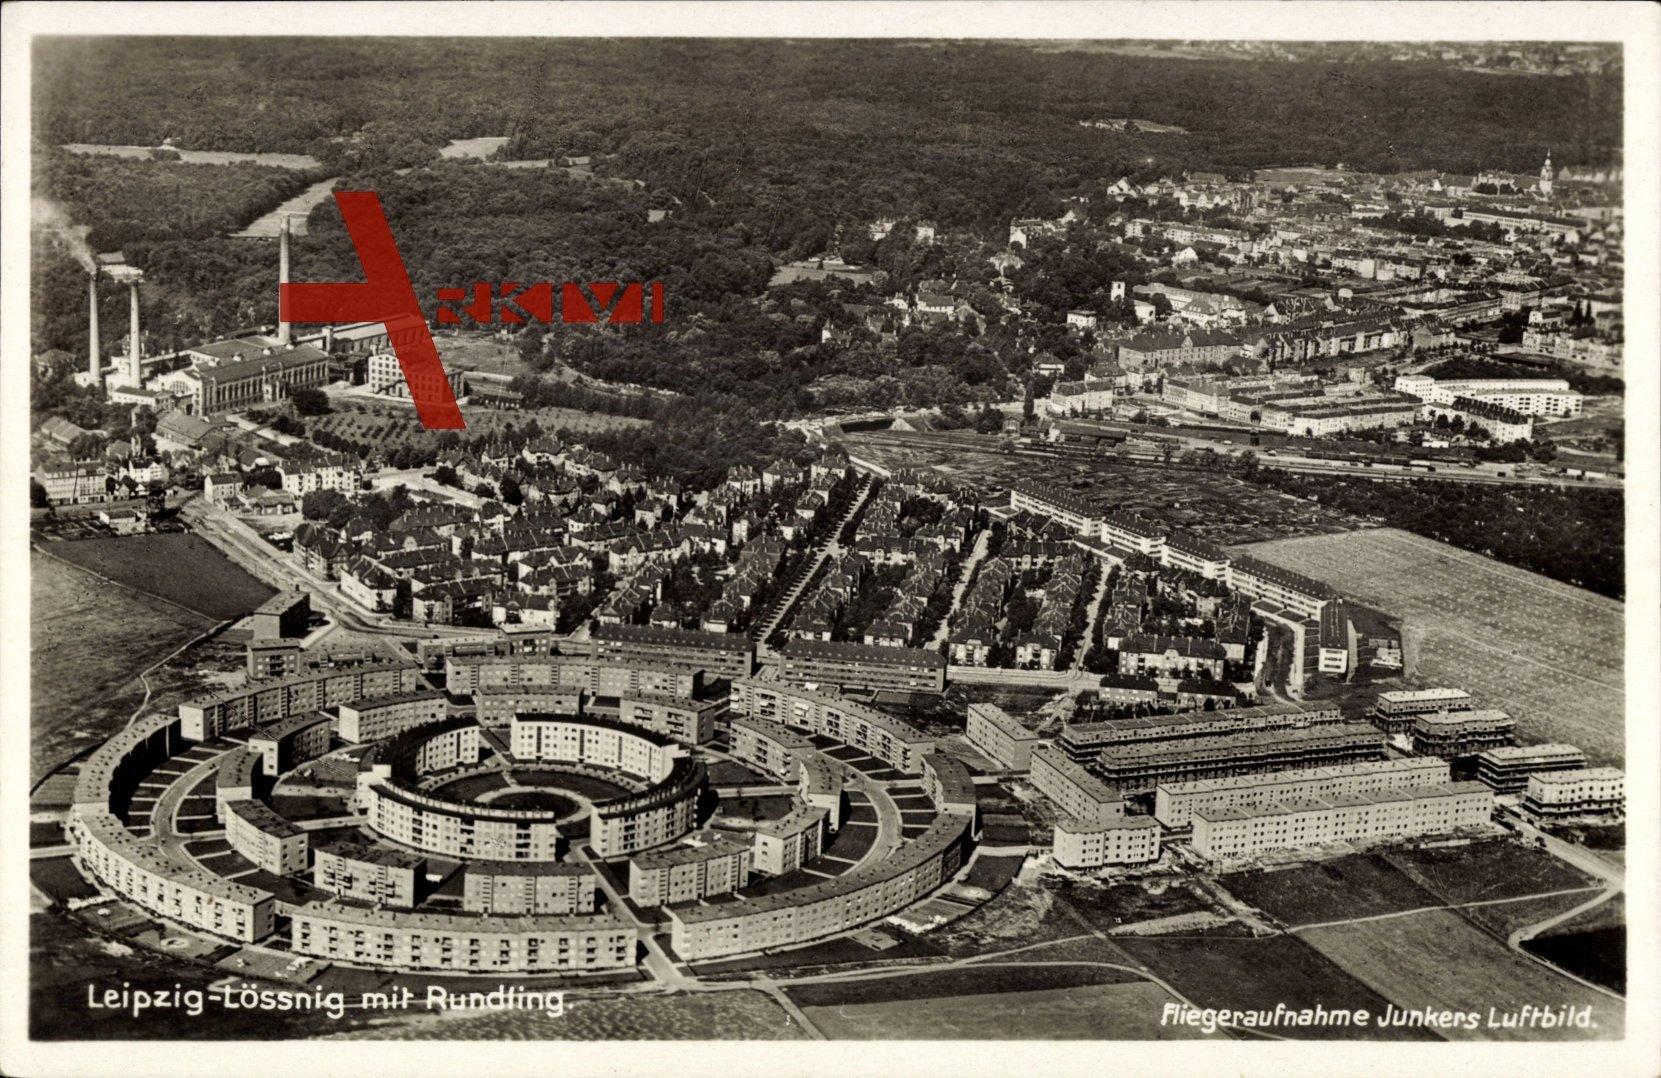 Leipzig Lössnig, Fliegeraufnahme der Wohnsiedlung Rundling, Bauhaus